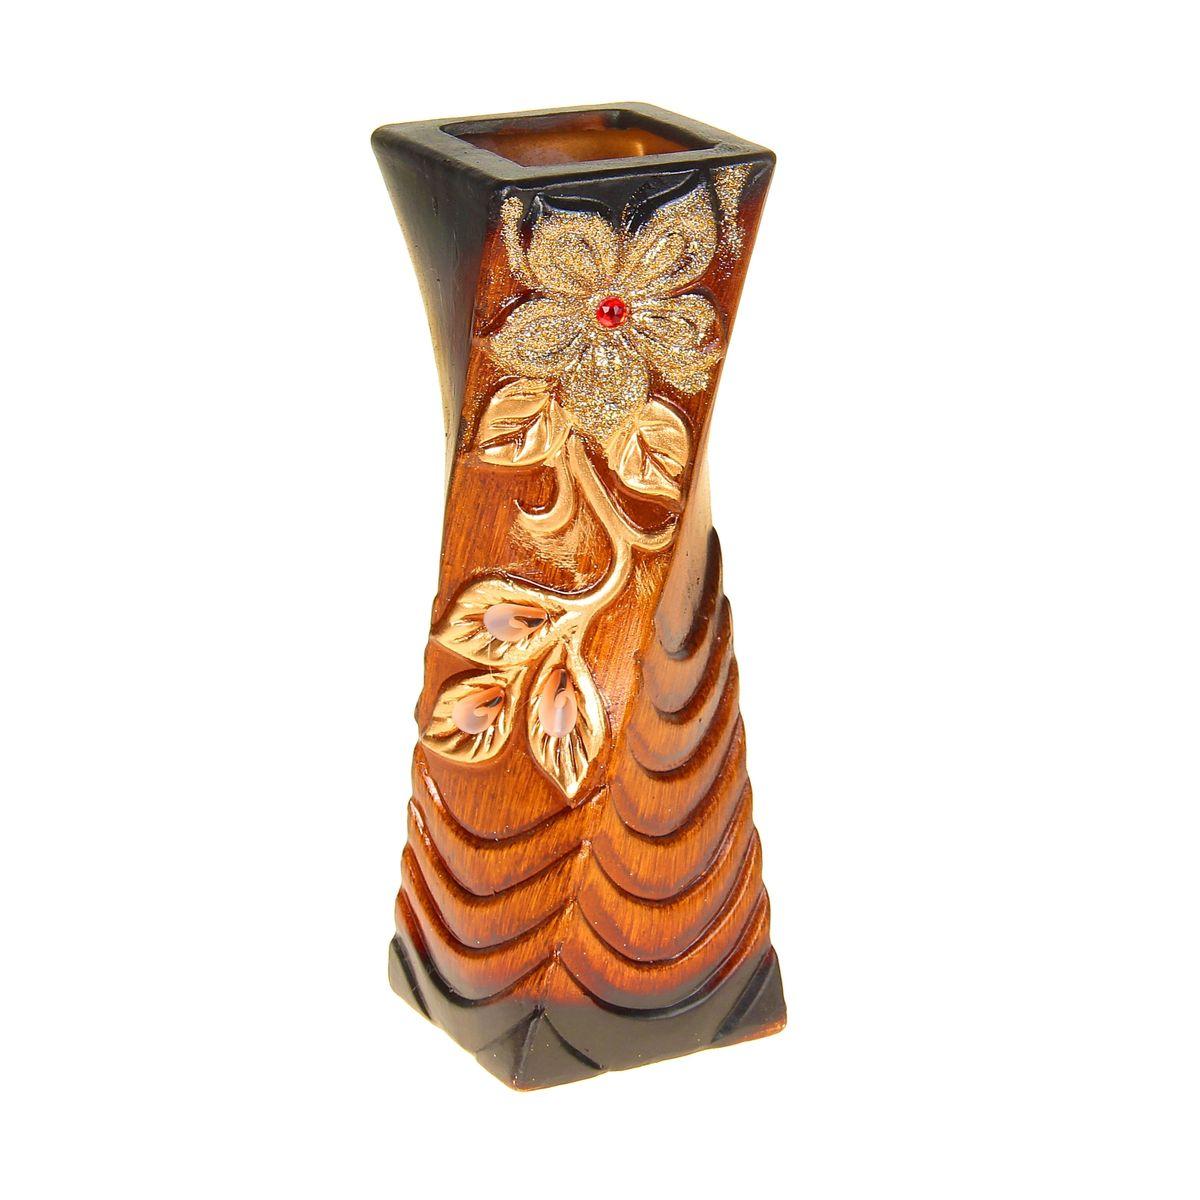 Ваза Sima-land Цветок. Кристалл, цвет: коричневый, золотой, высота 30,5 см1044975Ваза Sima-land Цветок. Кристалл изготовлена из прочной керамики. Изделие оформлено рельефным изображением цветка и декорировано блестками. Такая изящная ваза с легкостью впишется практически в любой интерьер. Она станет изумительным подарком, который доставит радость, ведь это не только красивый, но еще и функциональный презент. Размер по верхнему краю: 10 см х 10 см.